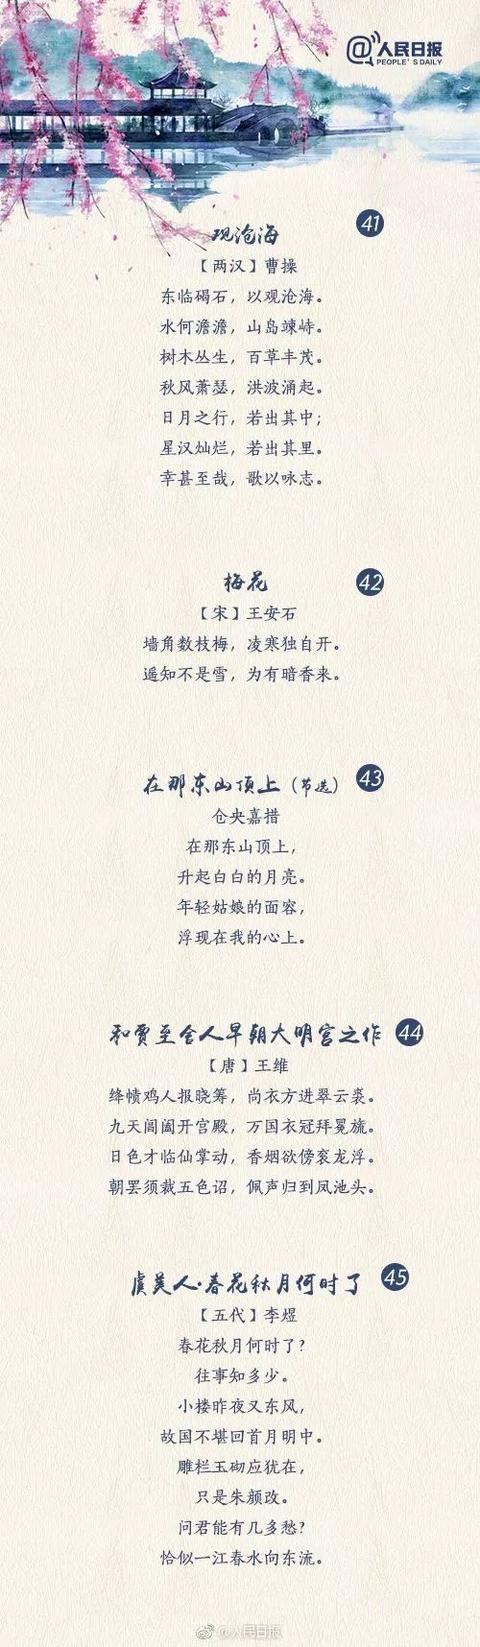 人民日报推荐:50首经典古诗文名句 精美图片版,可打印图片 No.9